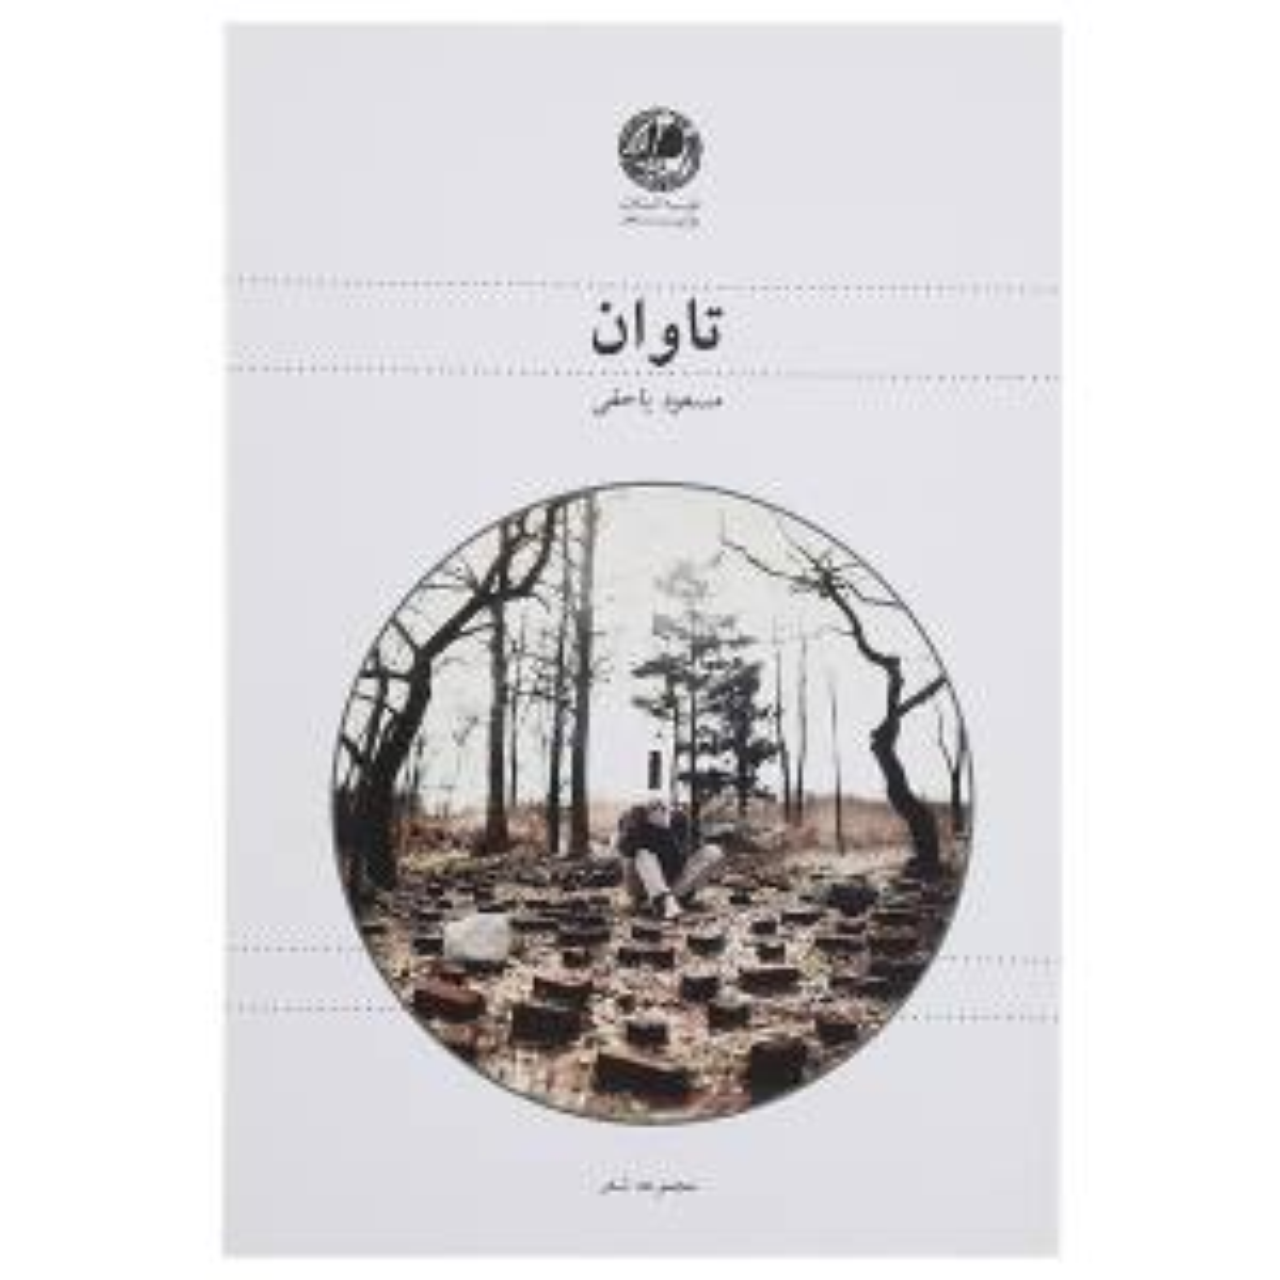 کتاب تاوان اثر مسعود یاحقی